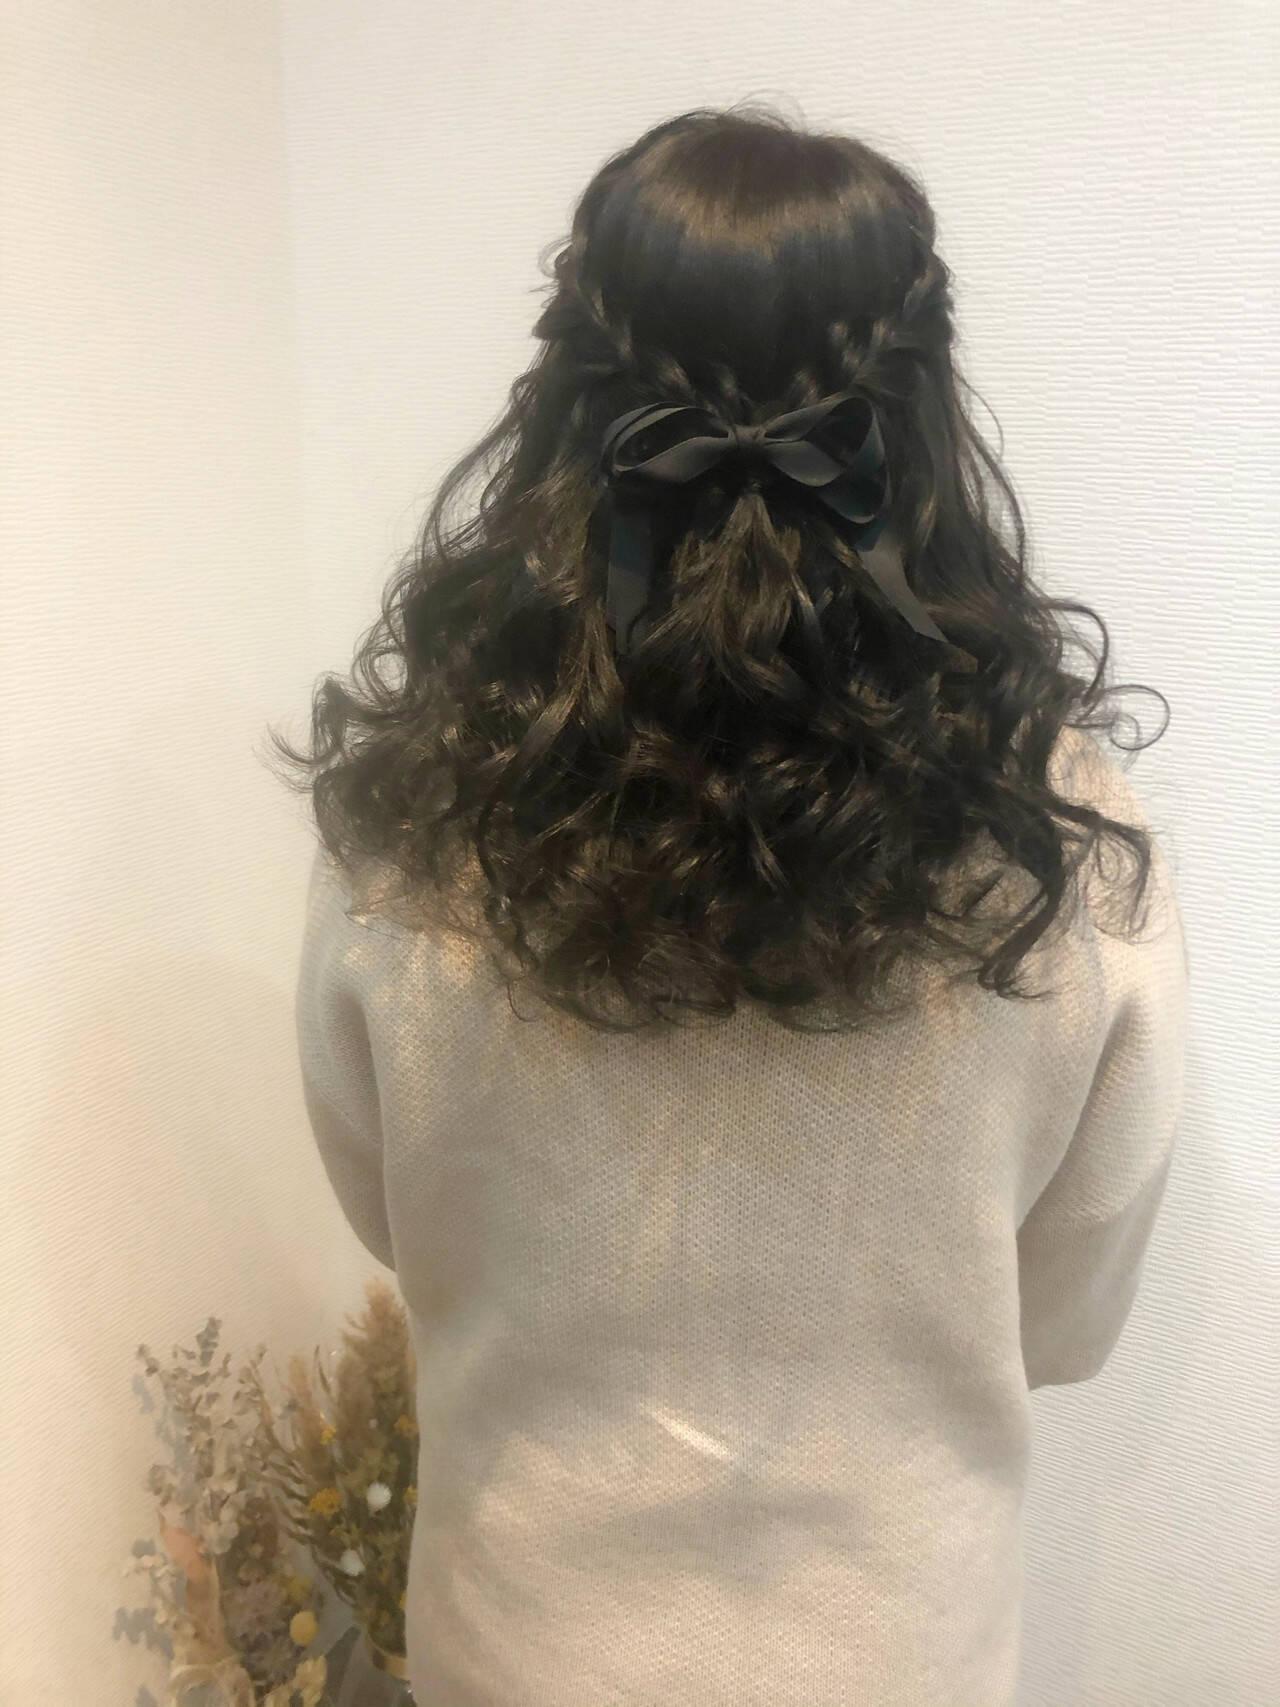 ヘアセット ハーフアップ フェミニン 編み込みヘアヘアスタイルや髪型の写真・画像